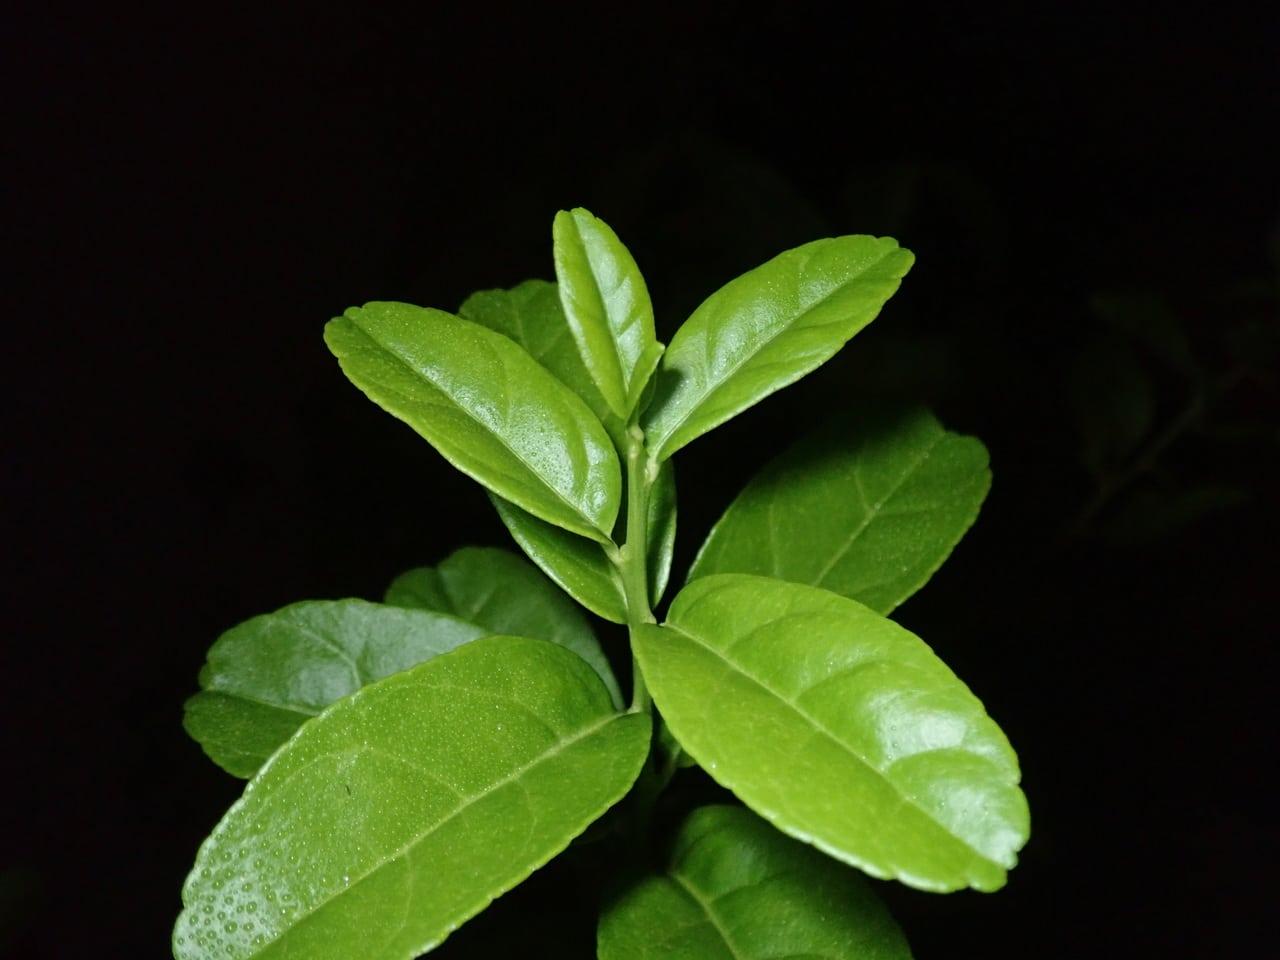 El limonero se planta en primavera